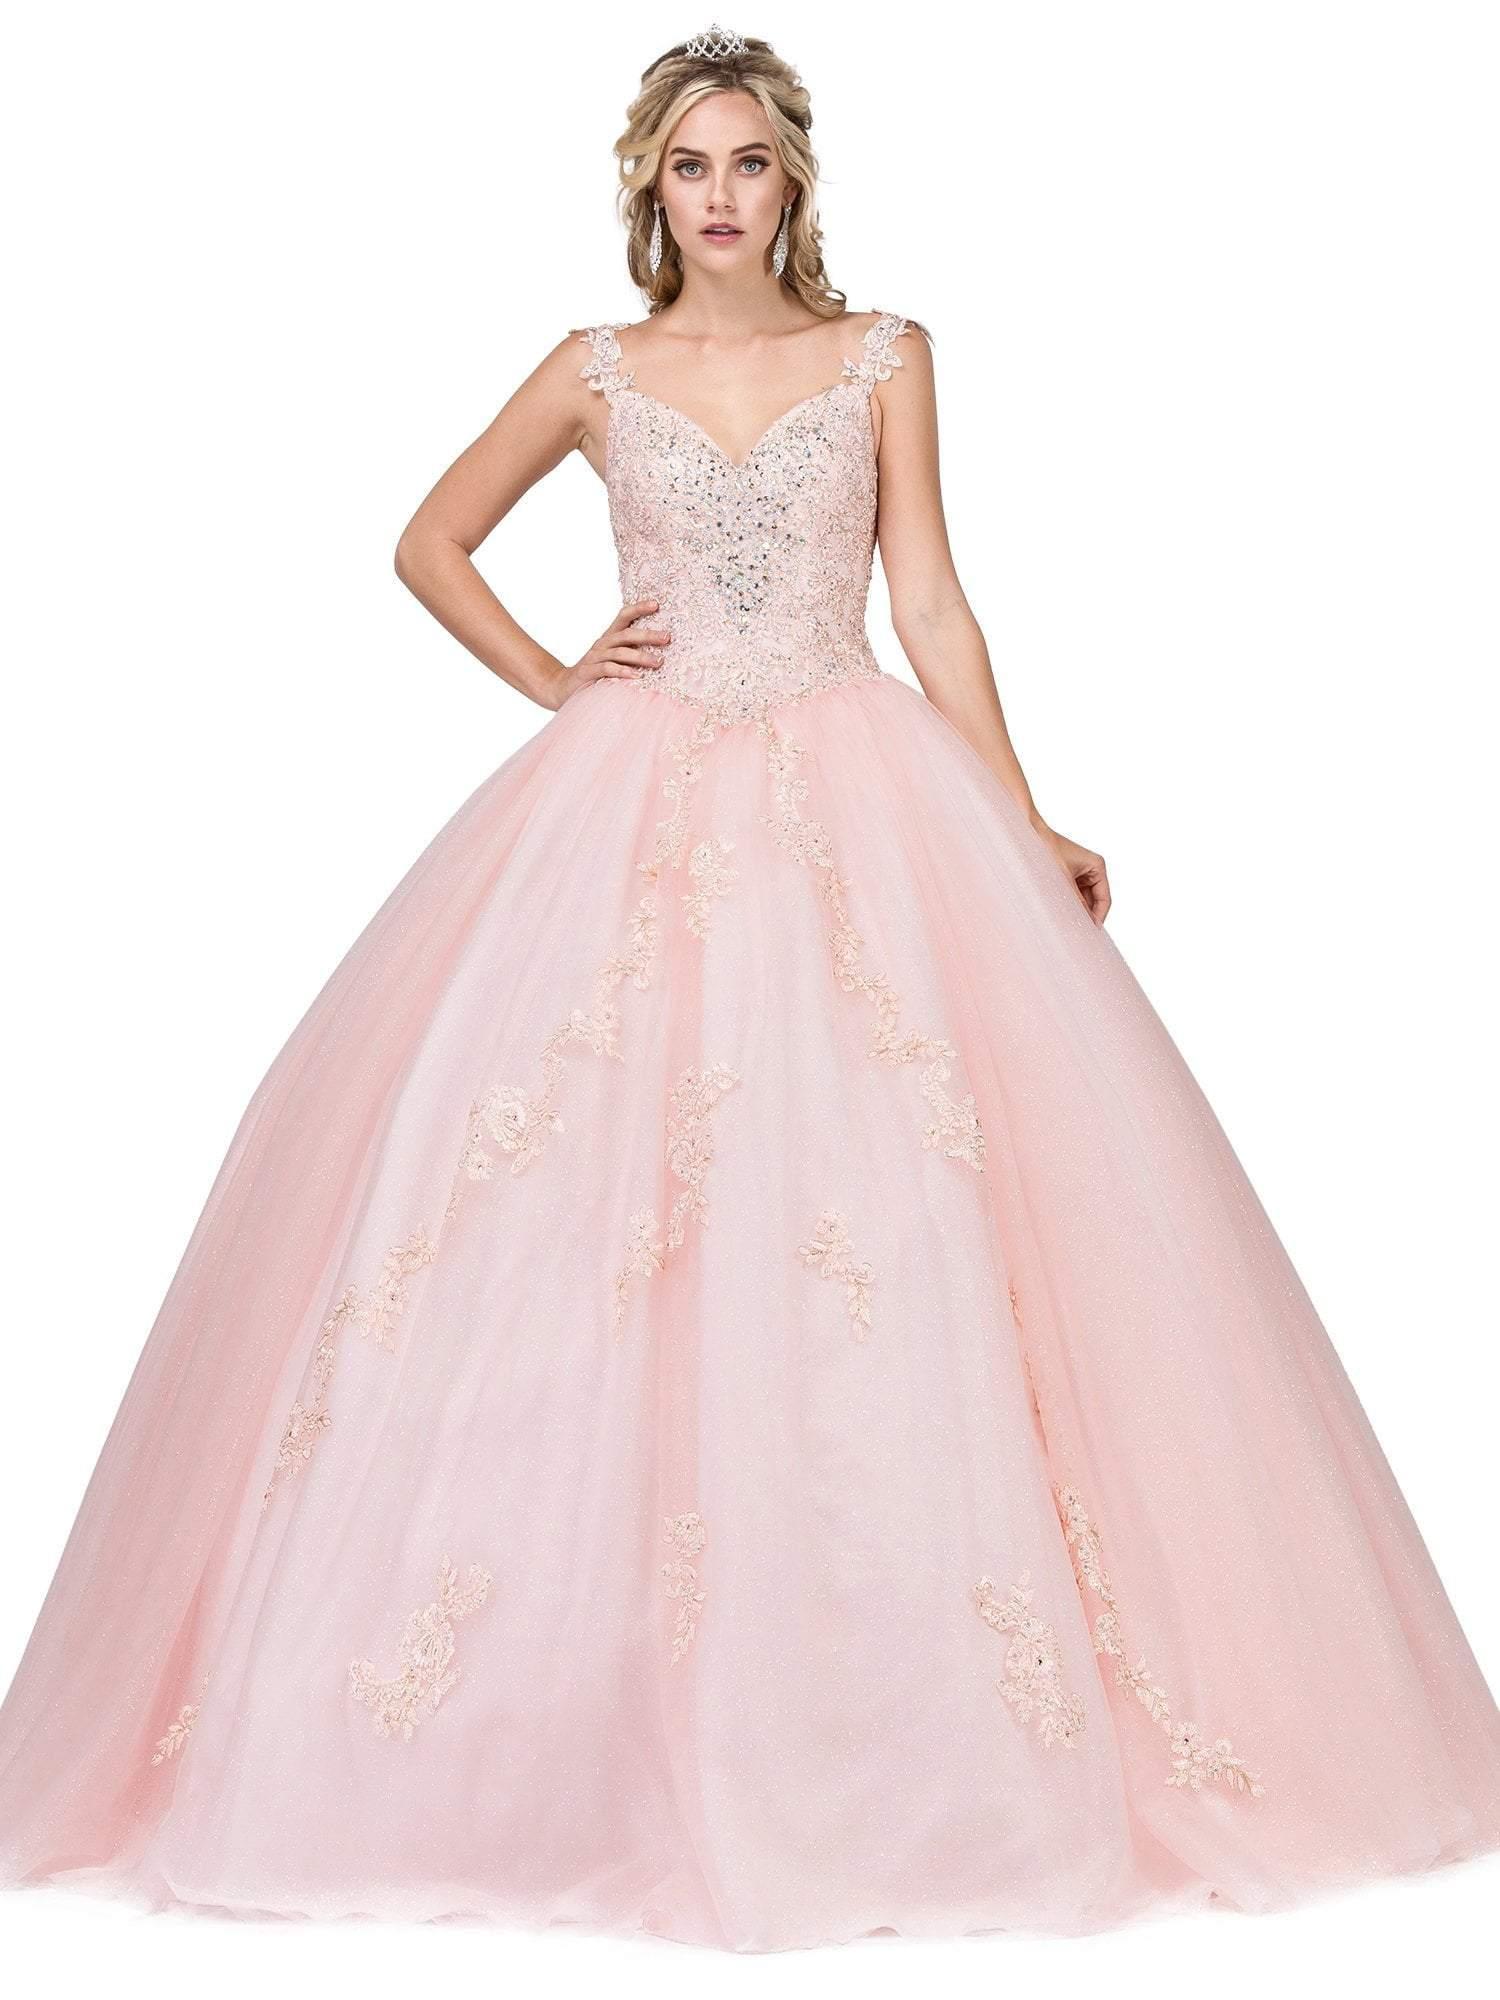 Dancing Queen - 1277 Embellished Sweetheart Quinceanera Ballgown